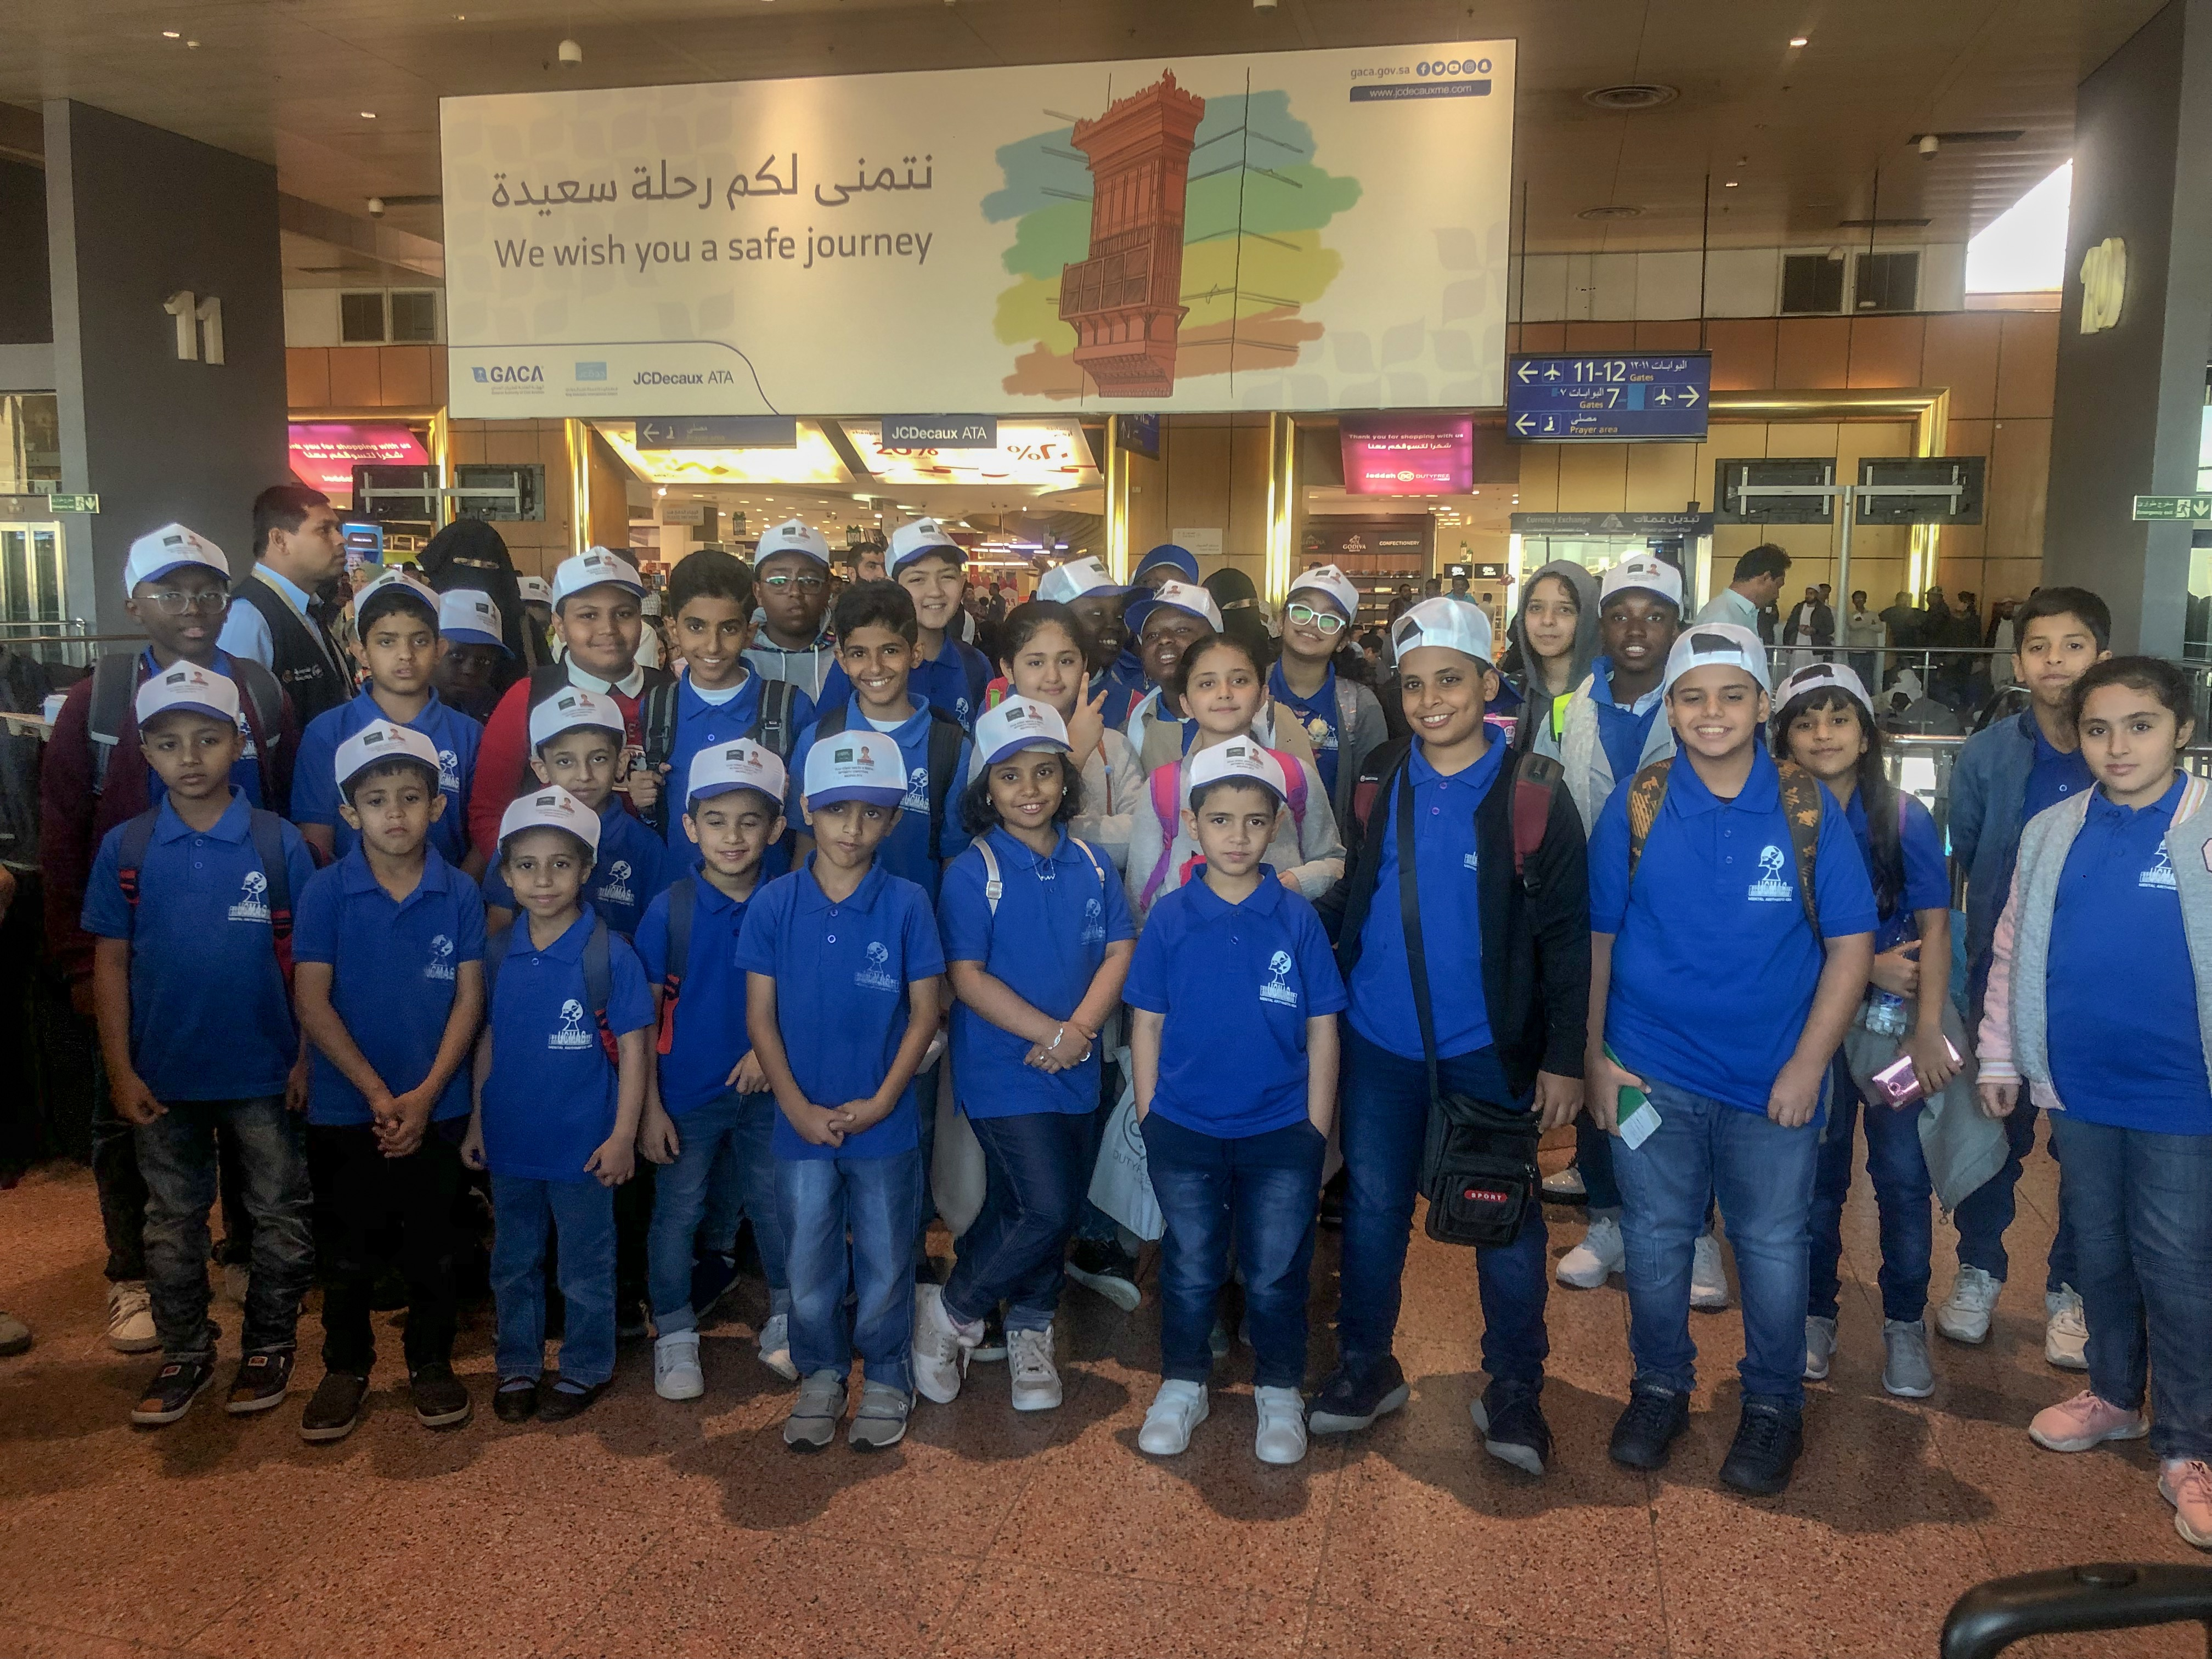 فريق صوت الاعلام السعودي يشارك في مسابقة ماليزيا العالمية